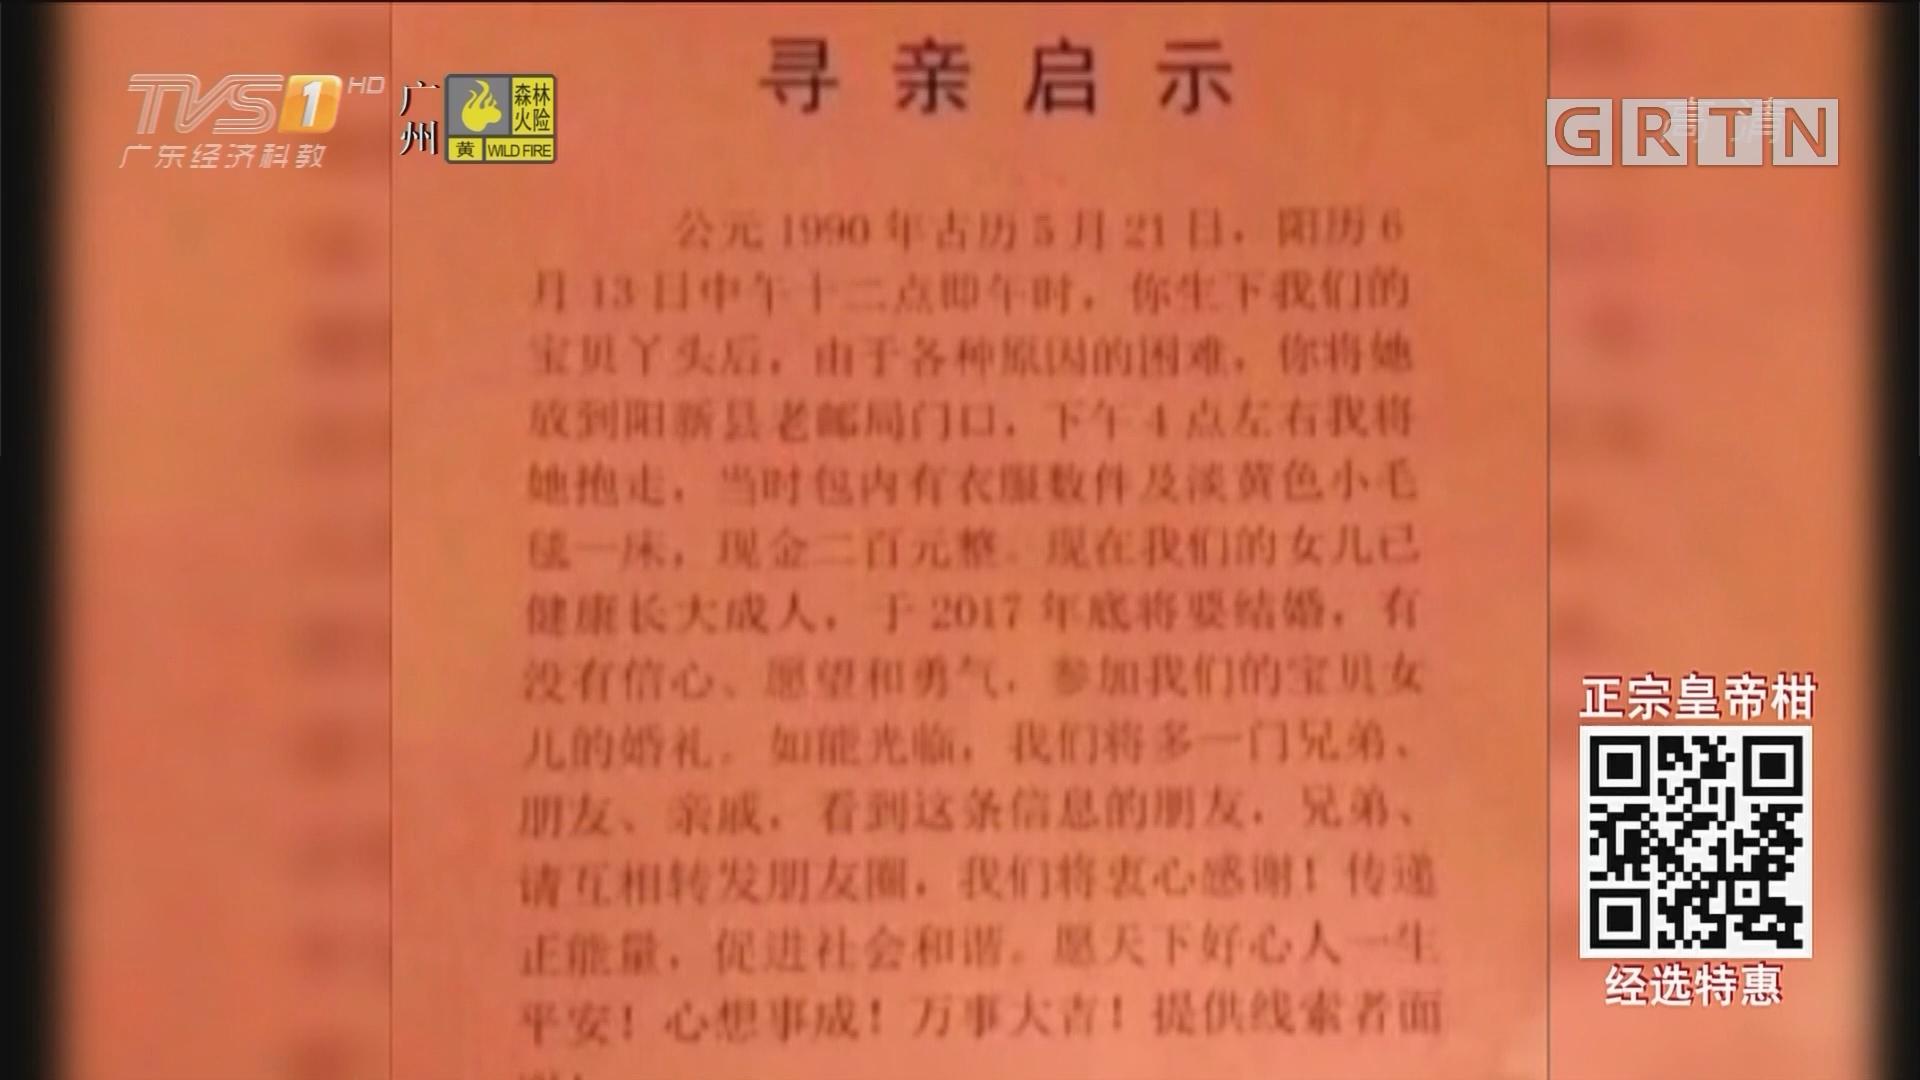 男子捡养女婴27载 今为她寻亲生父母参加婚礼